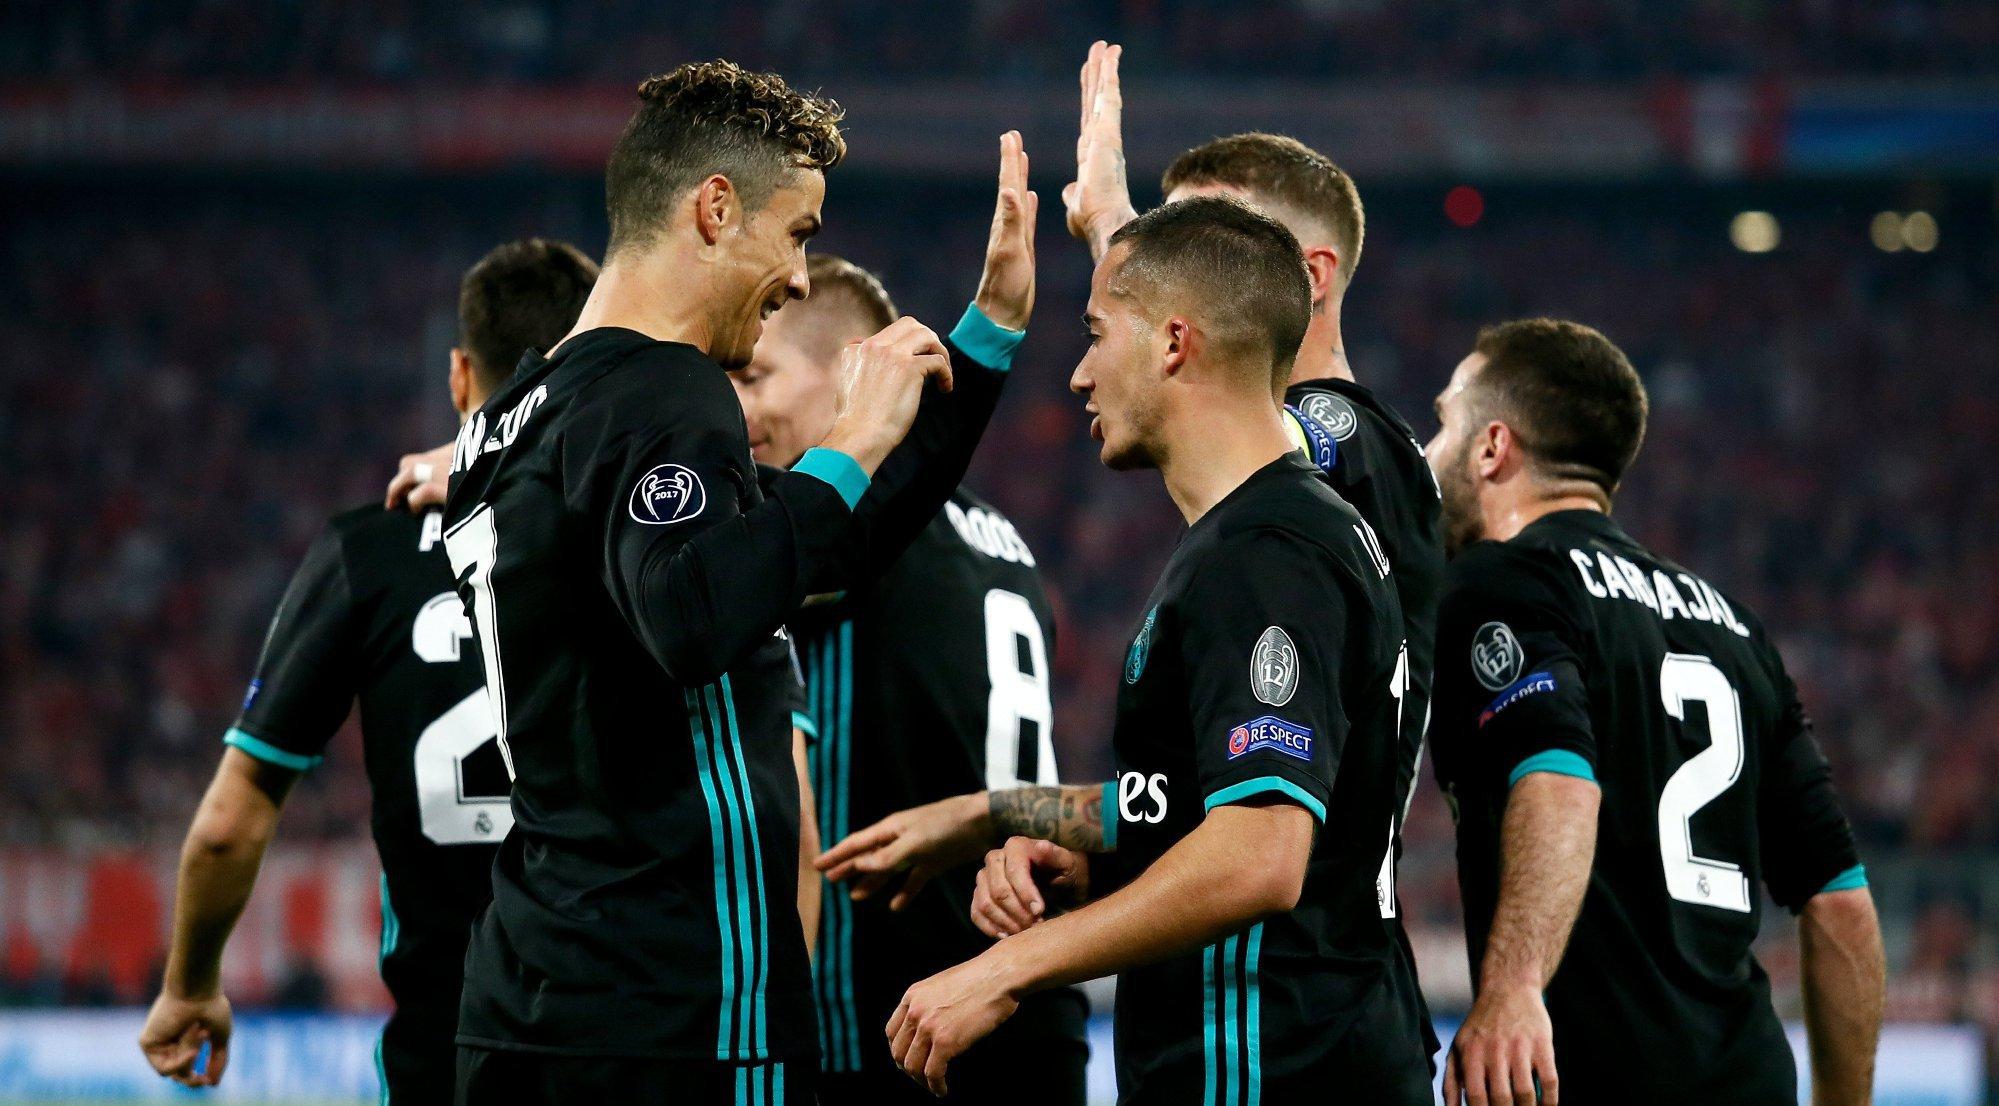 أهداف مباراة ريال مدريد وبايرن ميونيخ كاملة